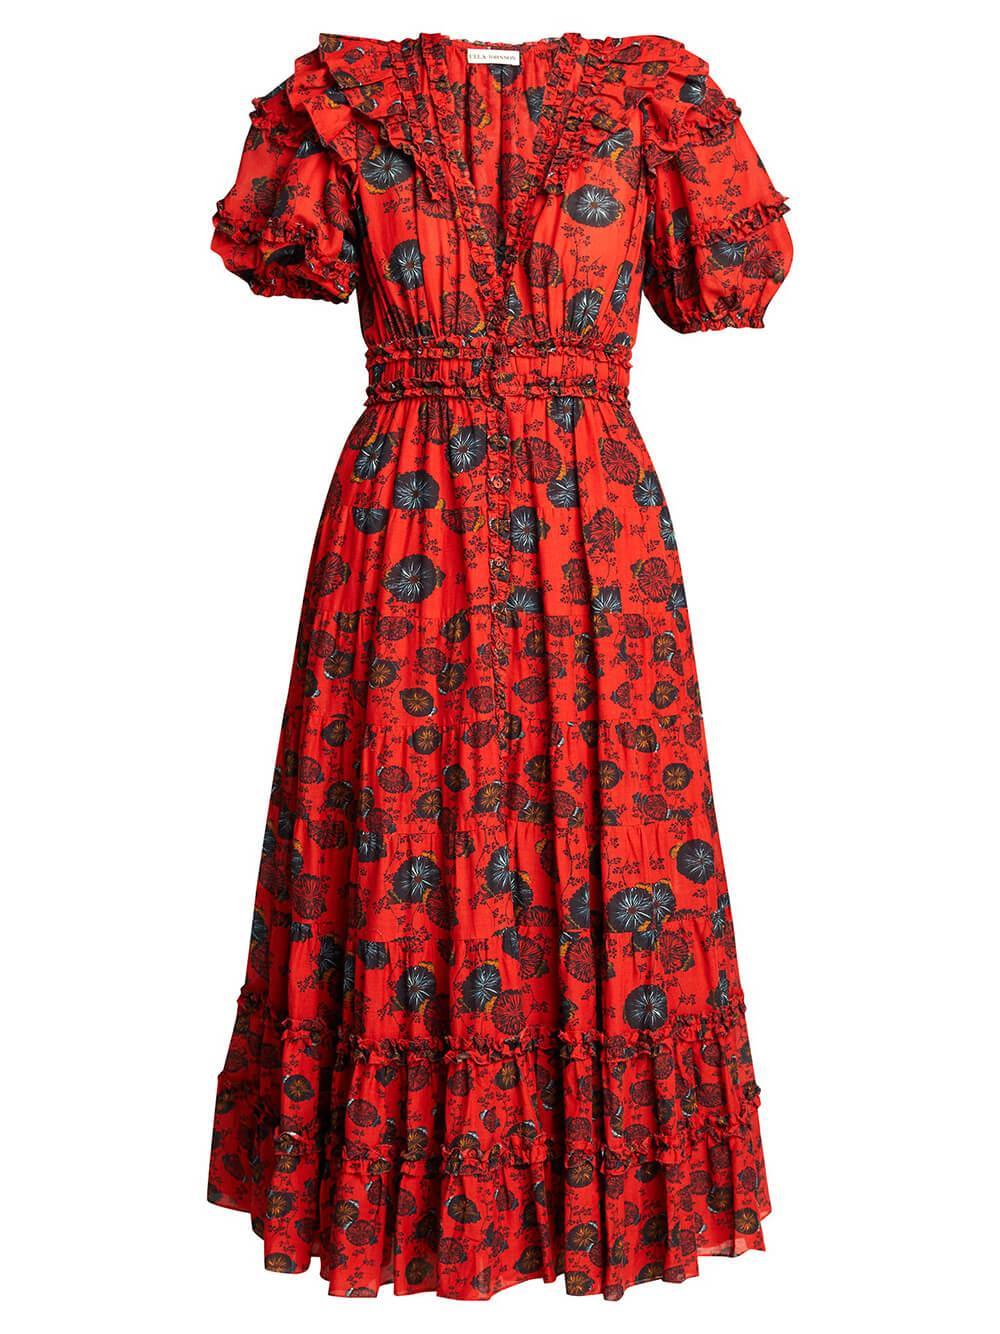 Irvette Dress